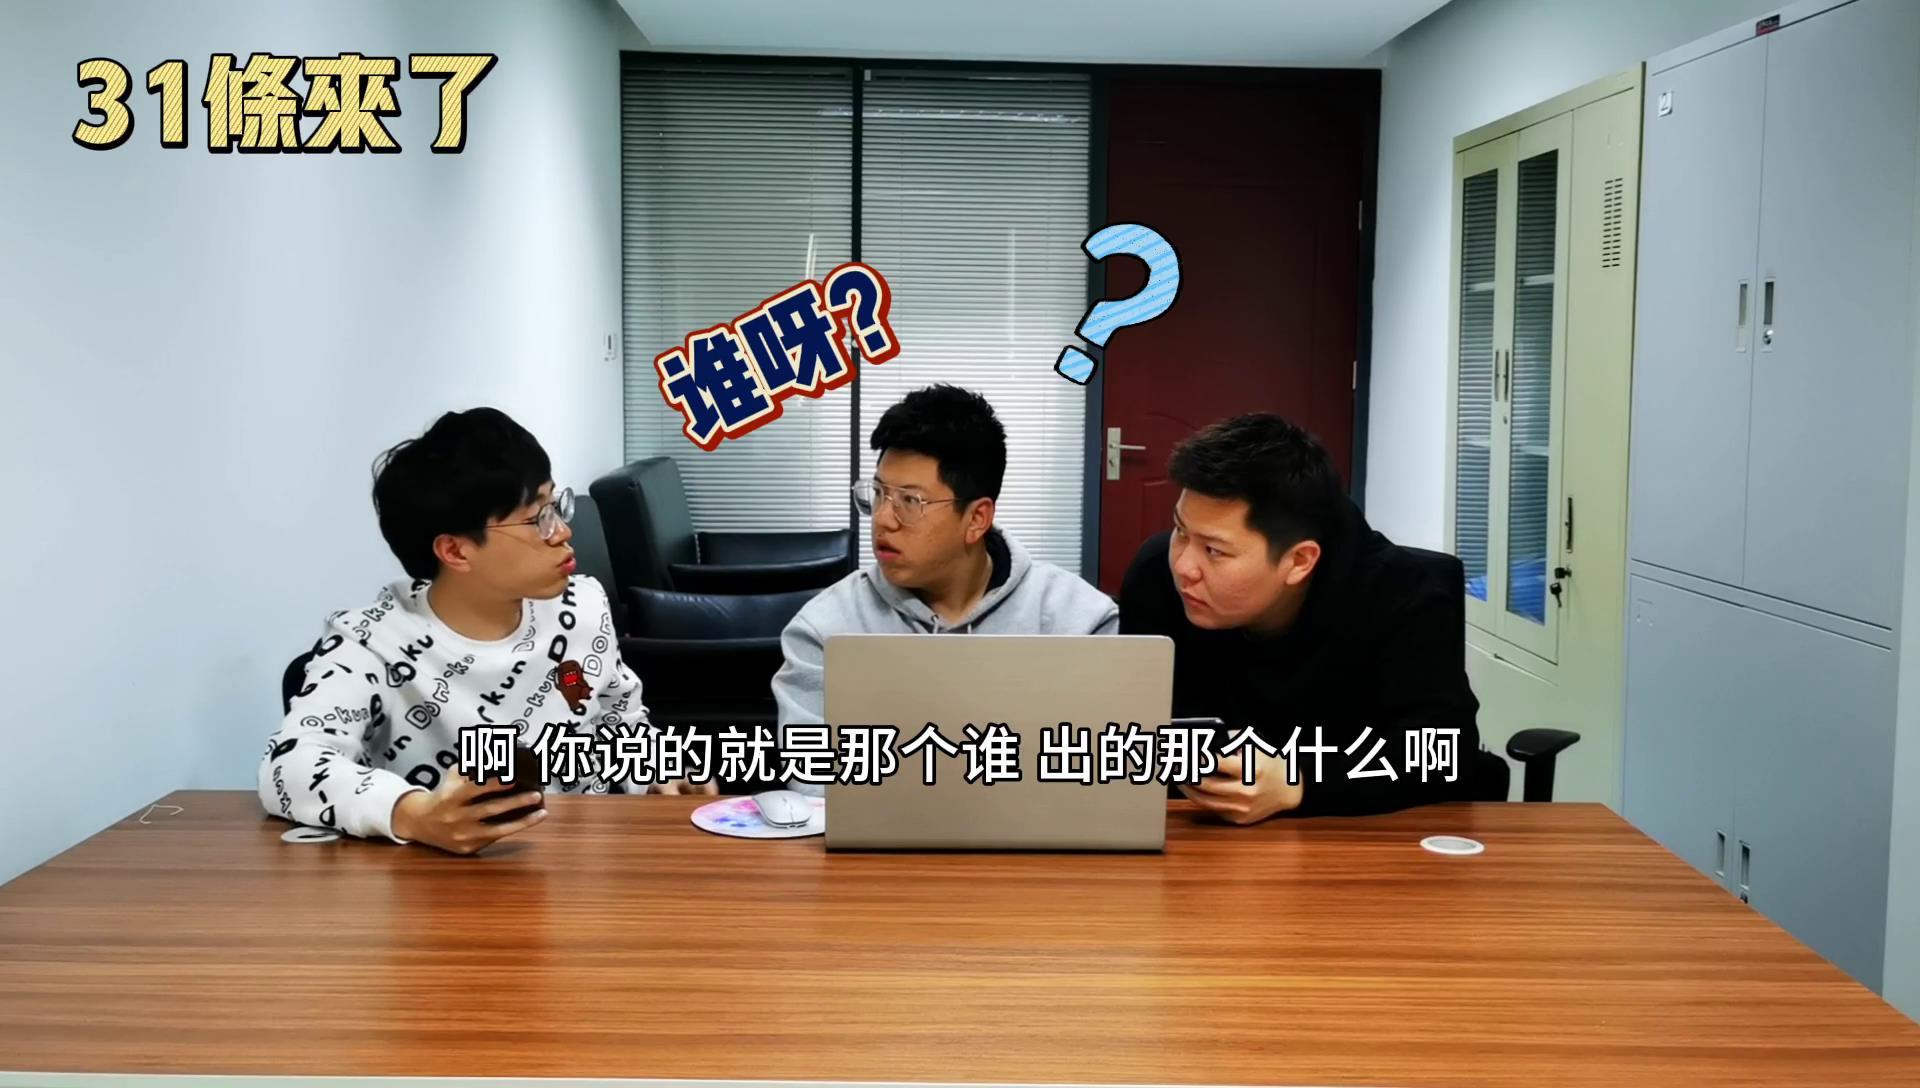 【31条来了】东北小伙和台湾小哥的谜之对话,听得同事开始怀疑人生图片